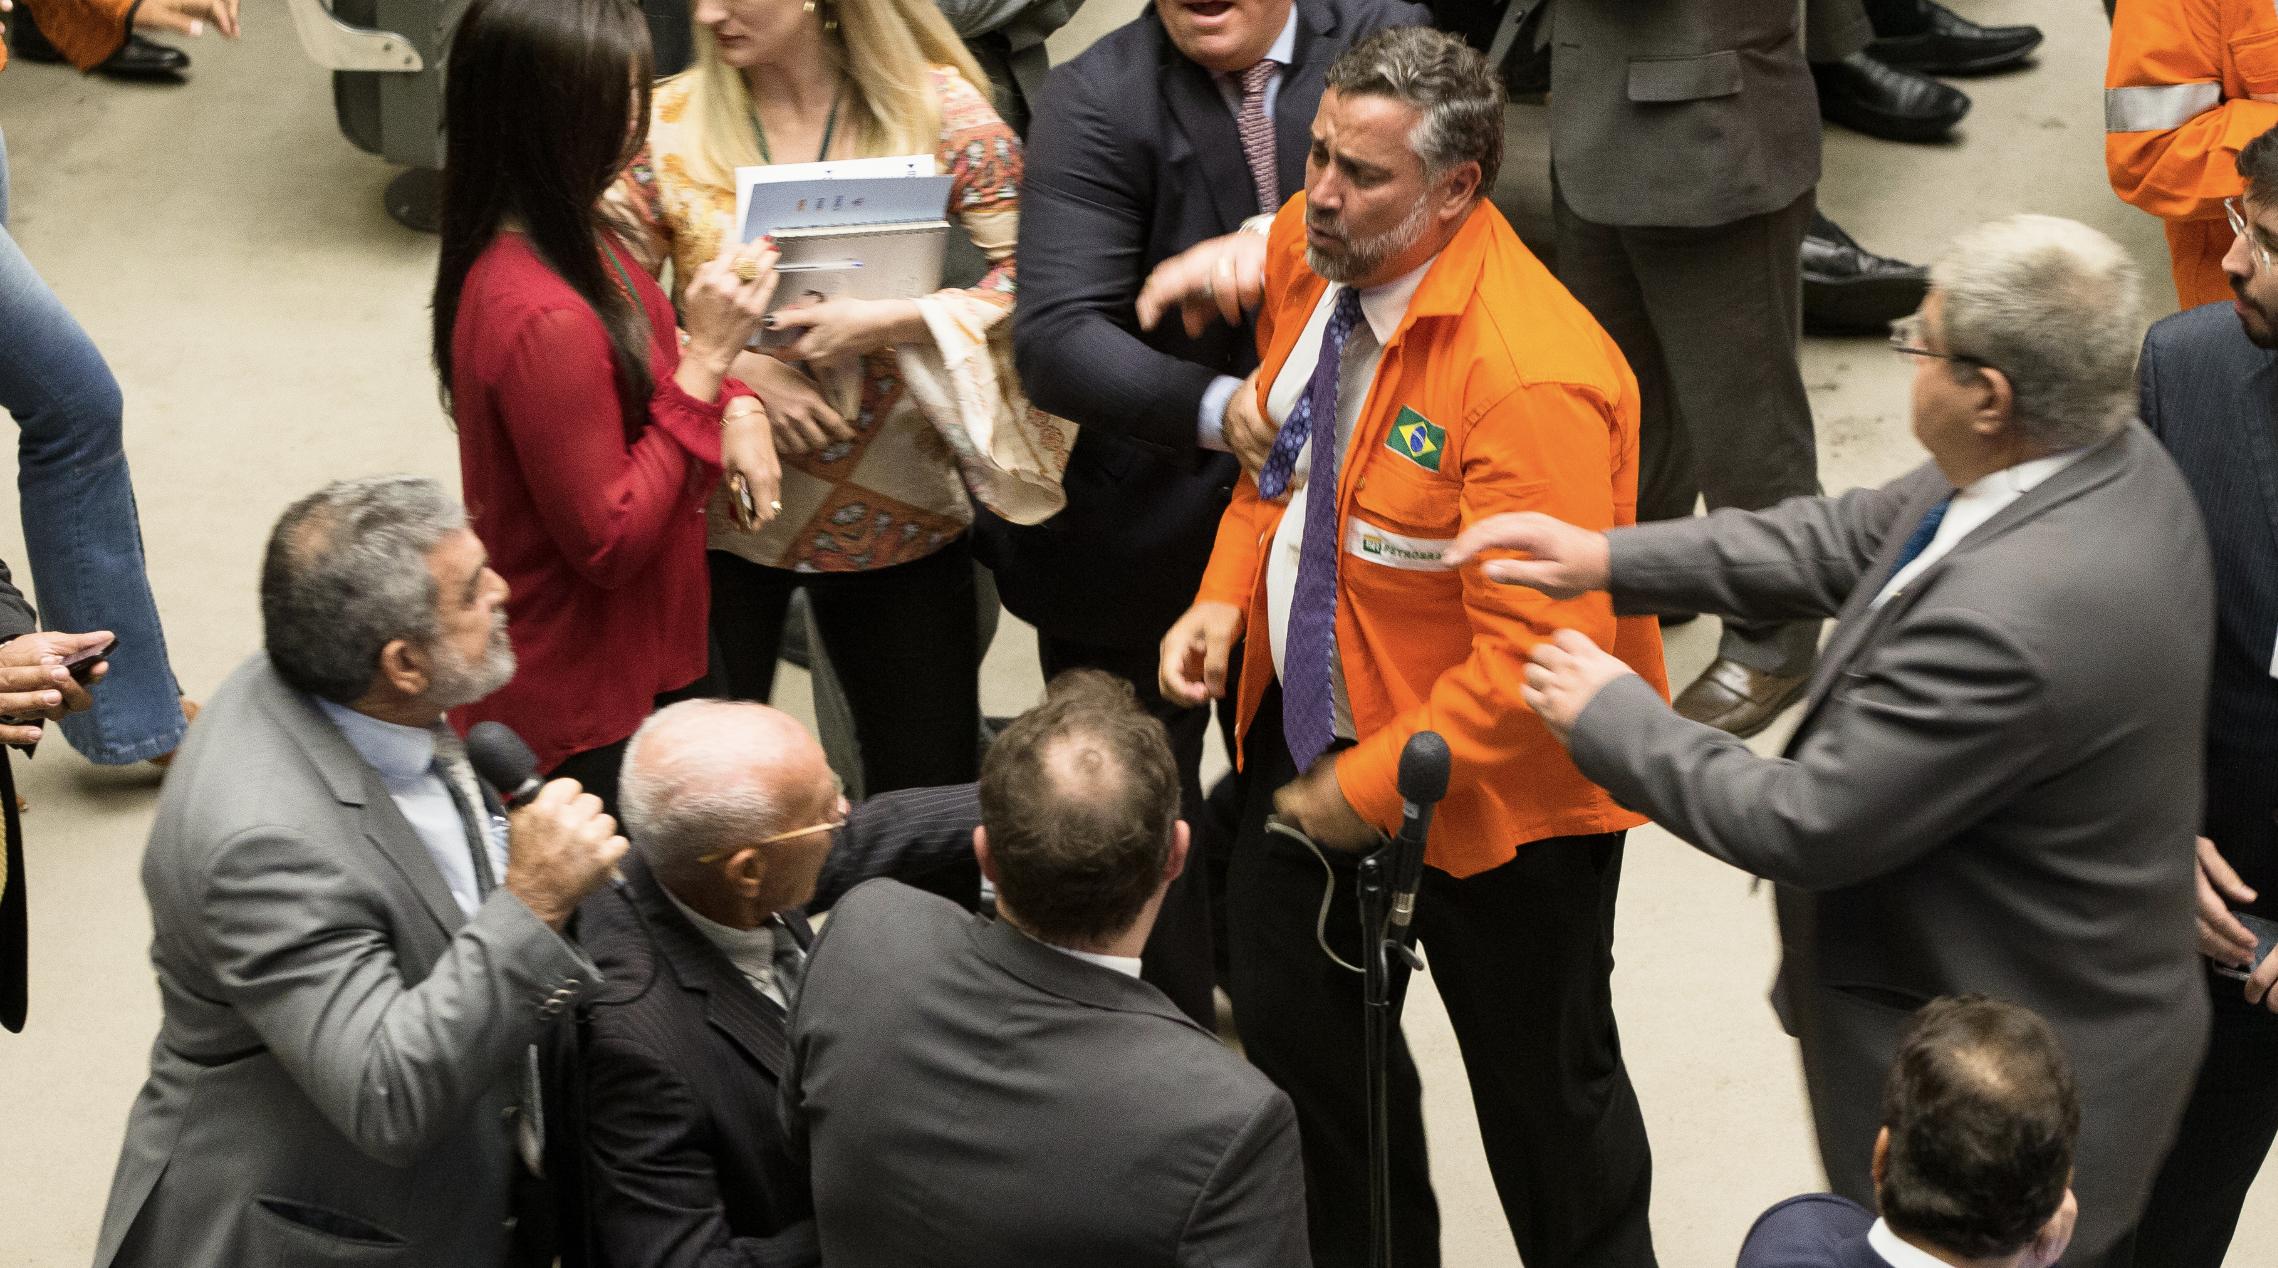 Felipe Coutinho: Entrega do petróleo pode colocar o Brasil em novo ciclo do tipo colonial